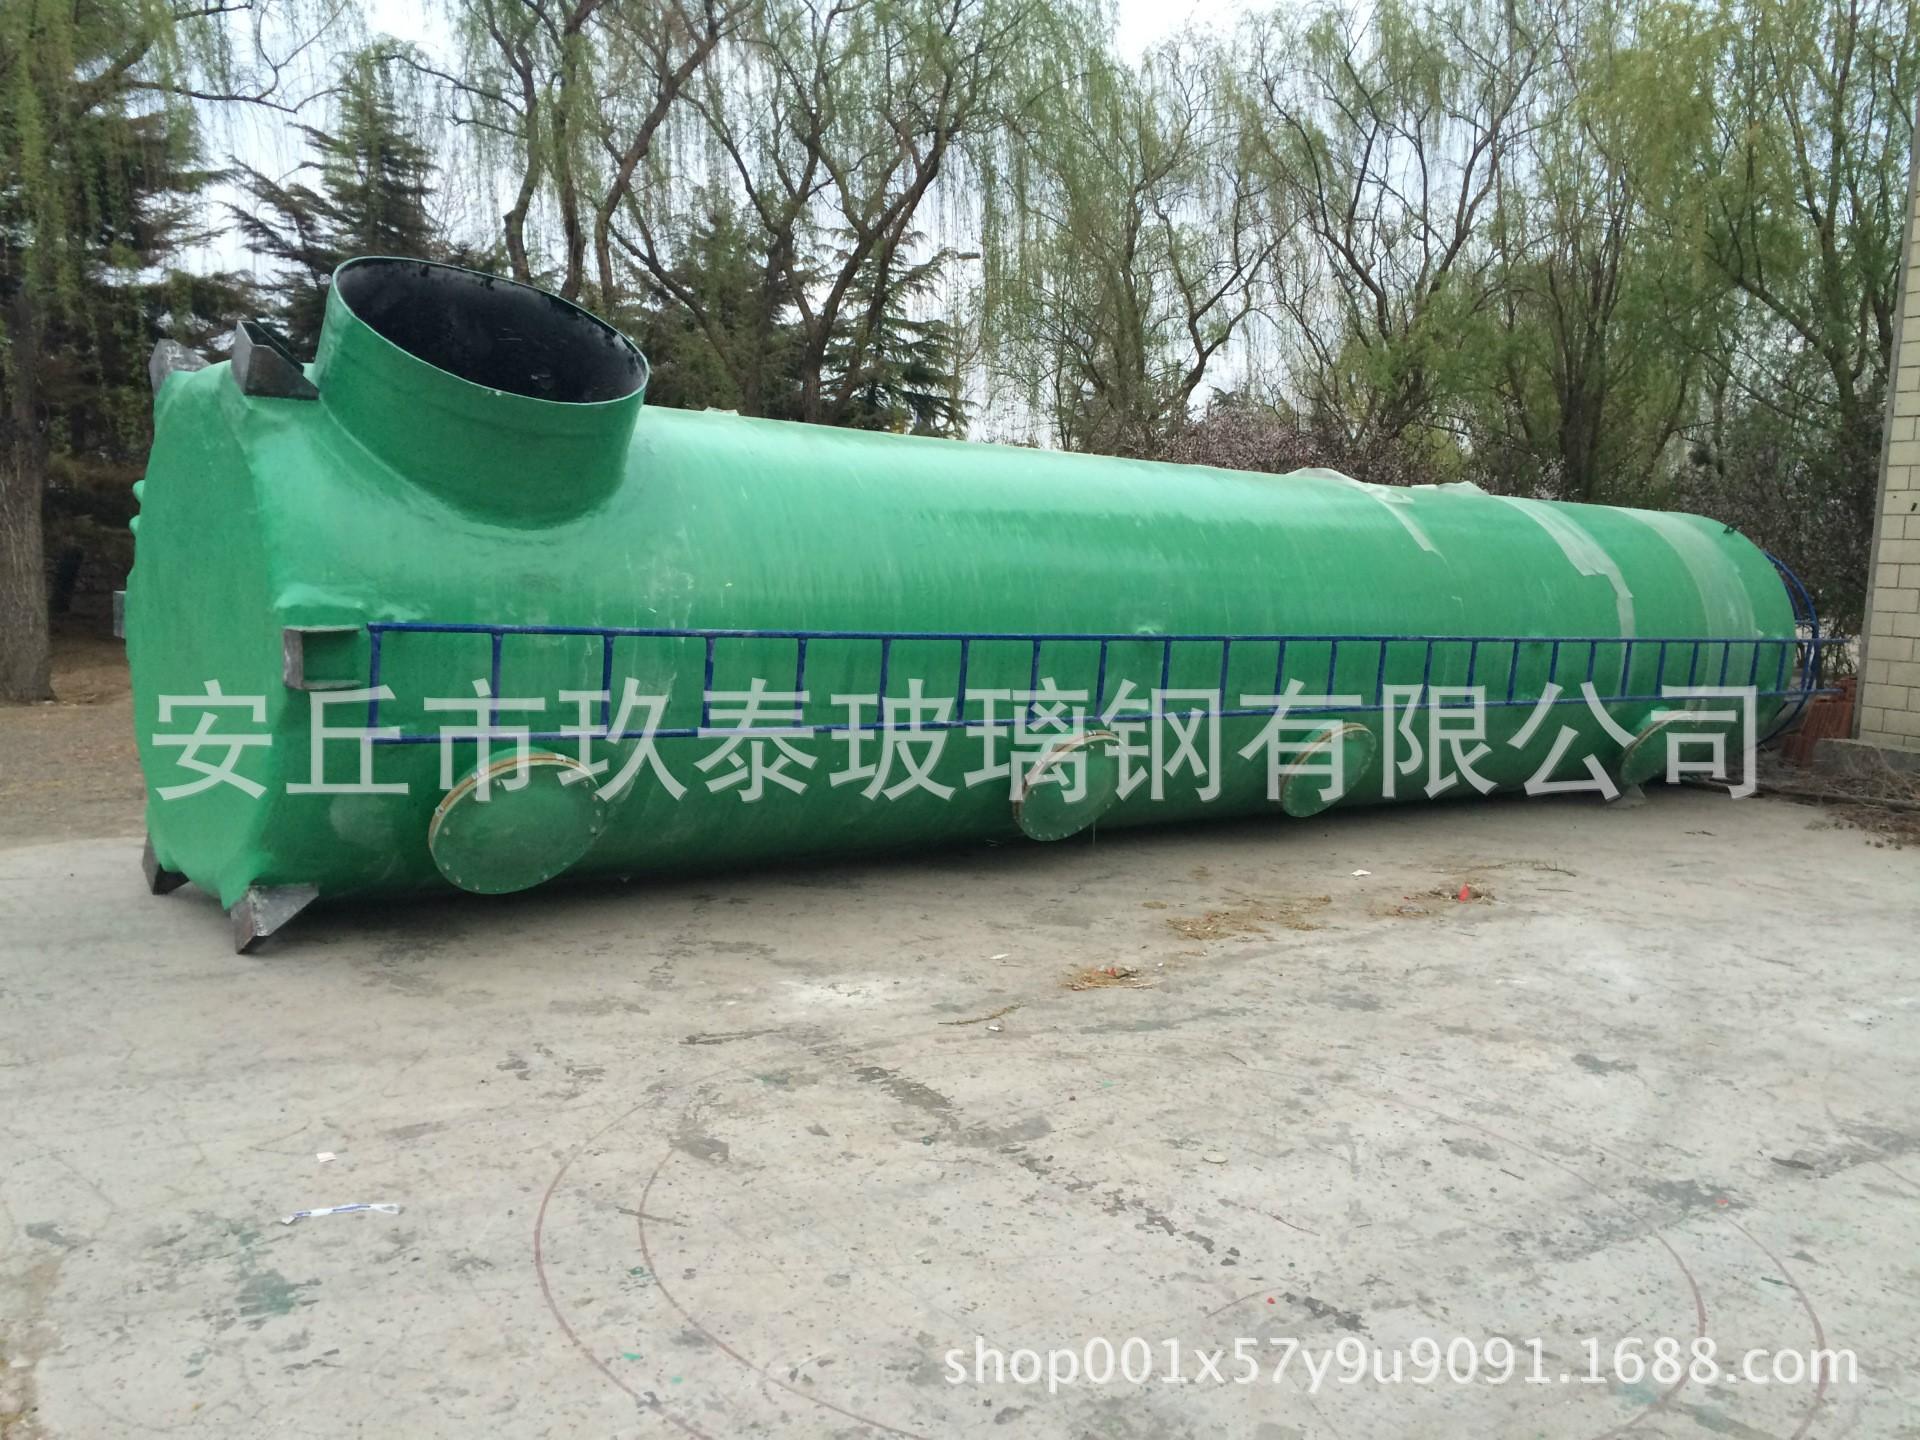 厂家直销锅炉脱硫塔 脱硫除尘器 安丘玖泰 脱硫塔